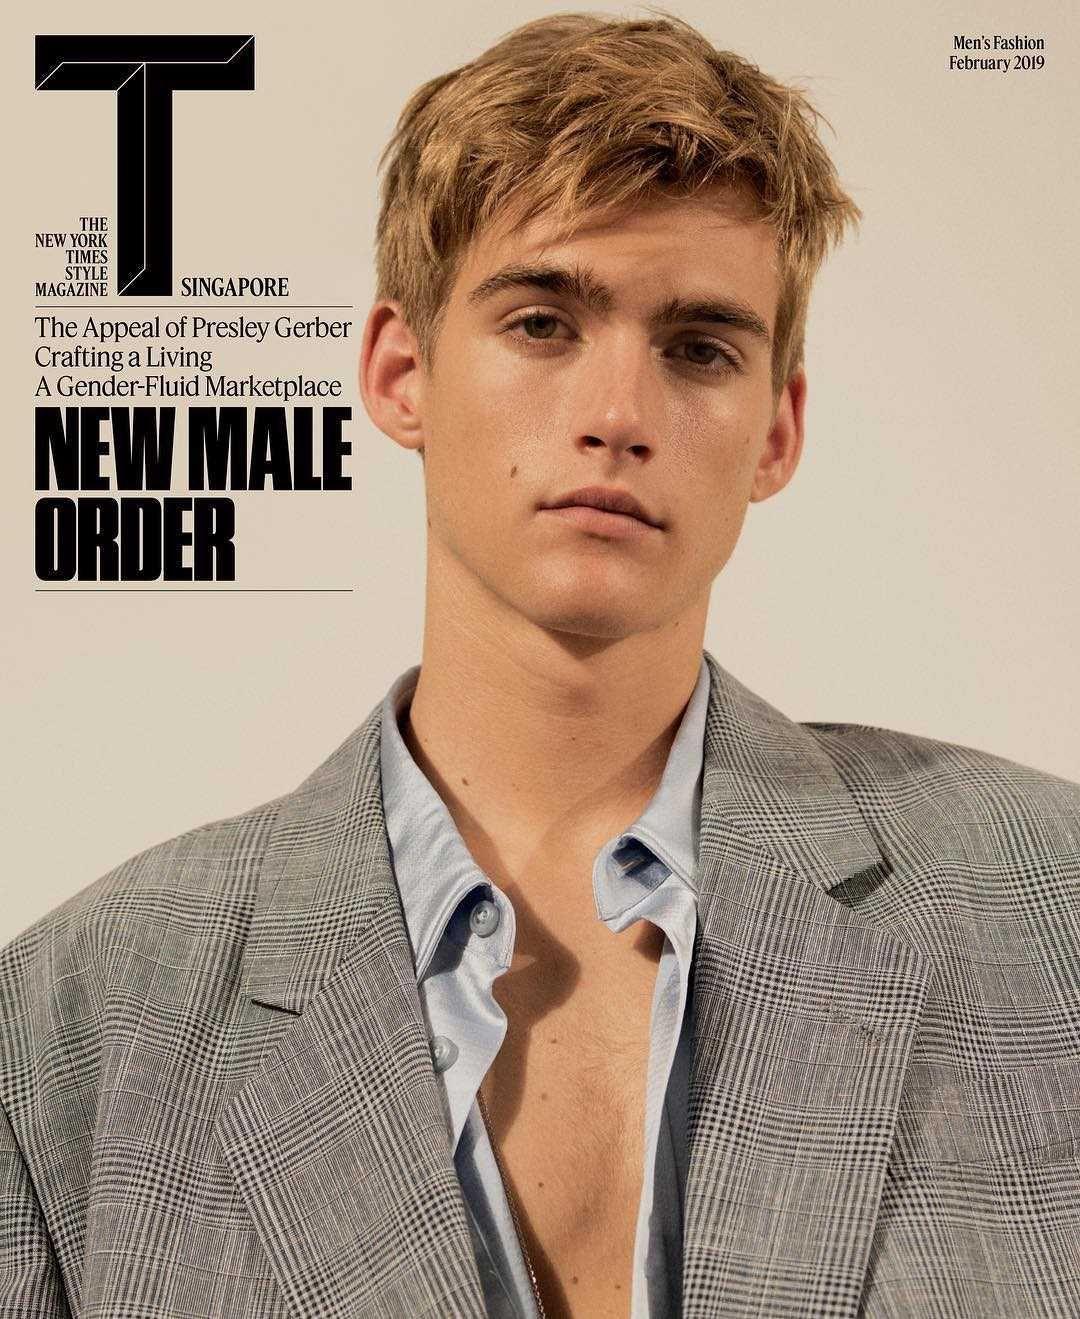 Dàn quý tử nổi tiếng nhà sao Hollywood: Cậu cả Beckham bị dàn trai đẹp cực phẩm đè bẹp, con nhà Will Smith gây choáng - Ảnh 16.